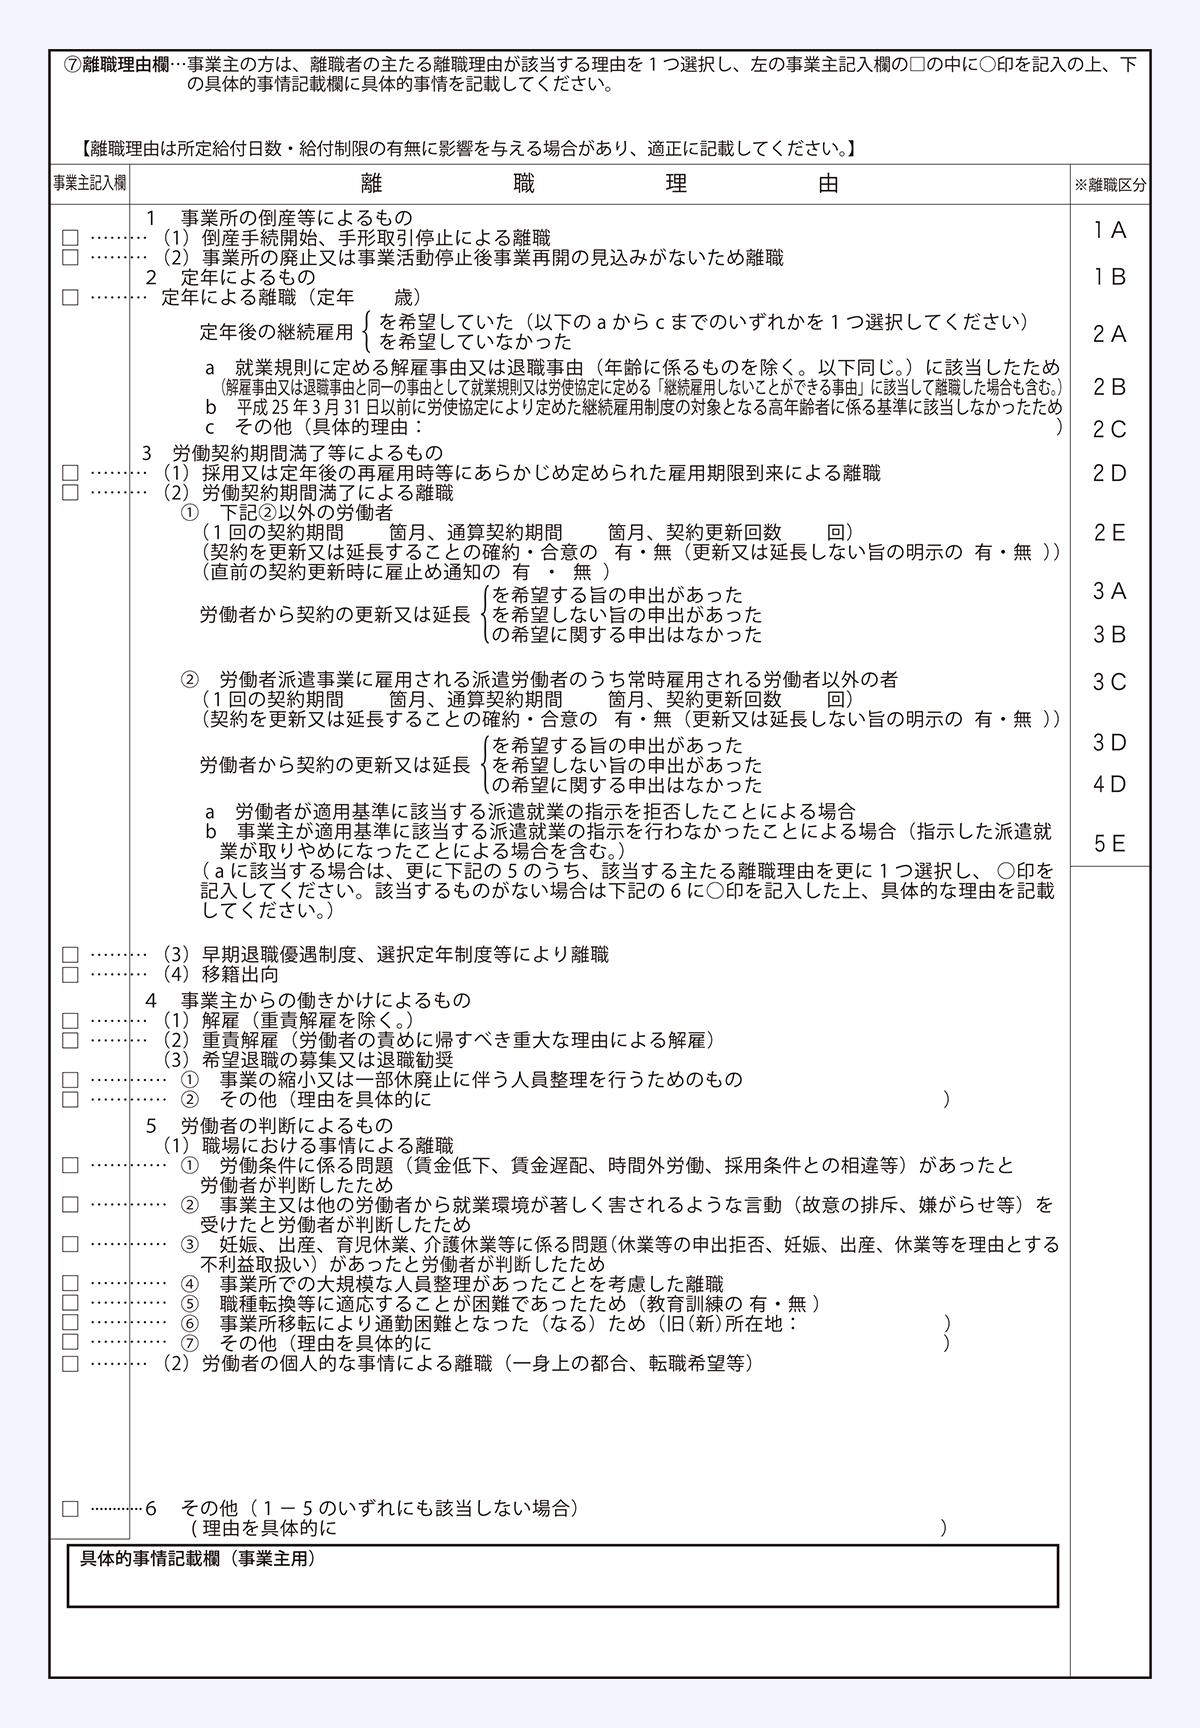 離職証明書の2枚めの離職理由の欄